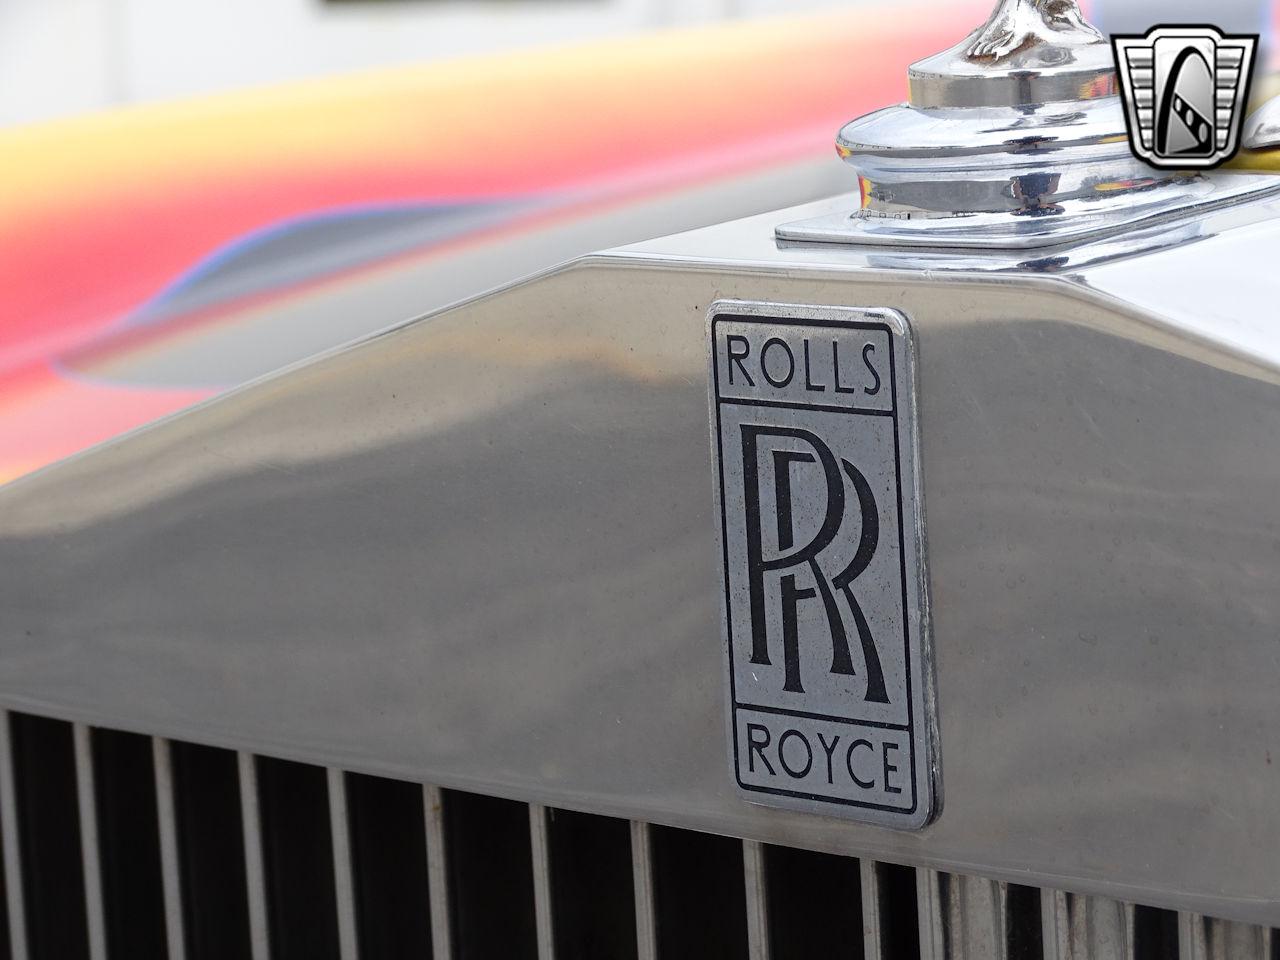 1967 Rolls Royce Silver Shadow 43